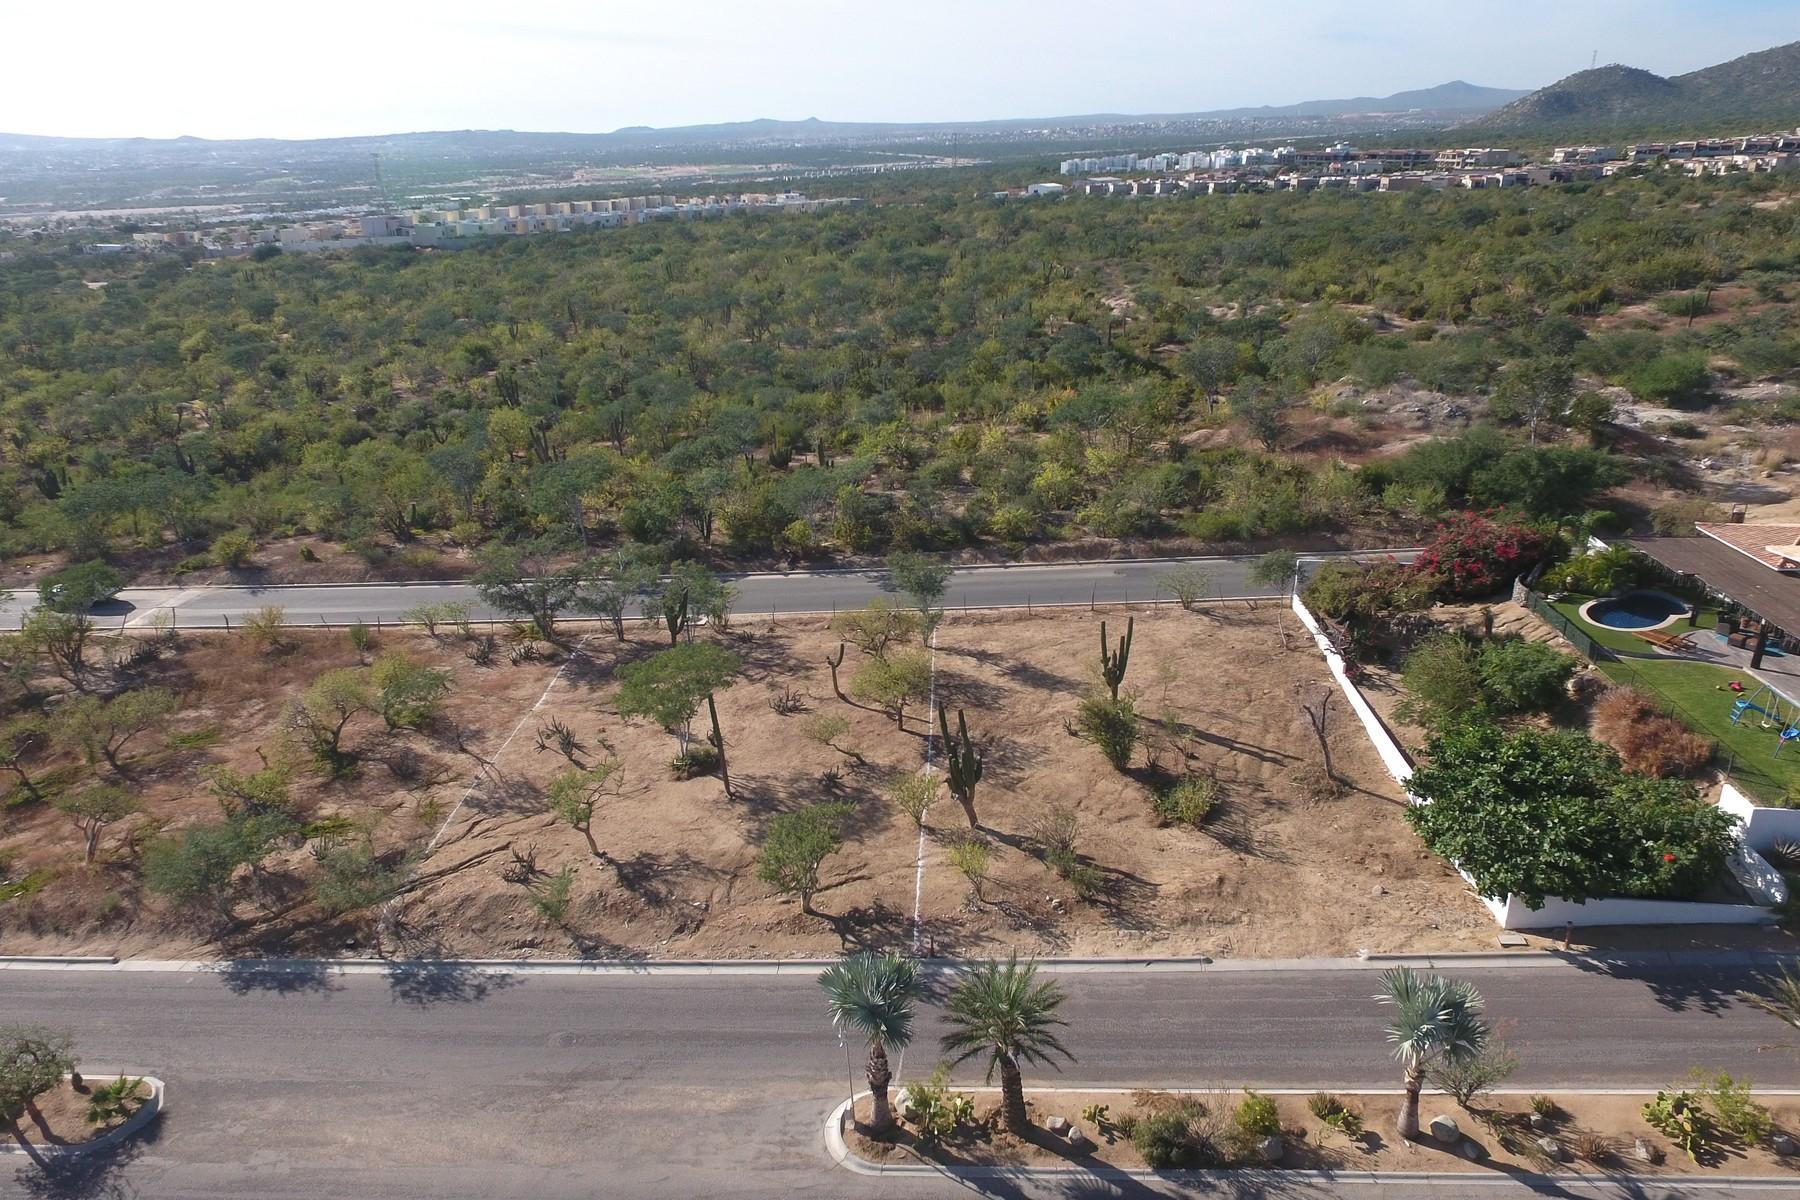 Terreno por un Venta en Lote 13F Rancho Paraiso Lote 13F Paseo San Jorge Cabo San Lucas, Baja California Sur 23454 México